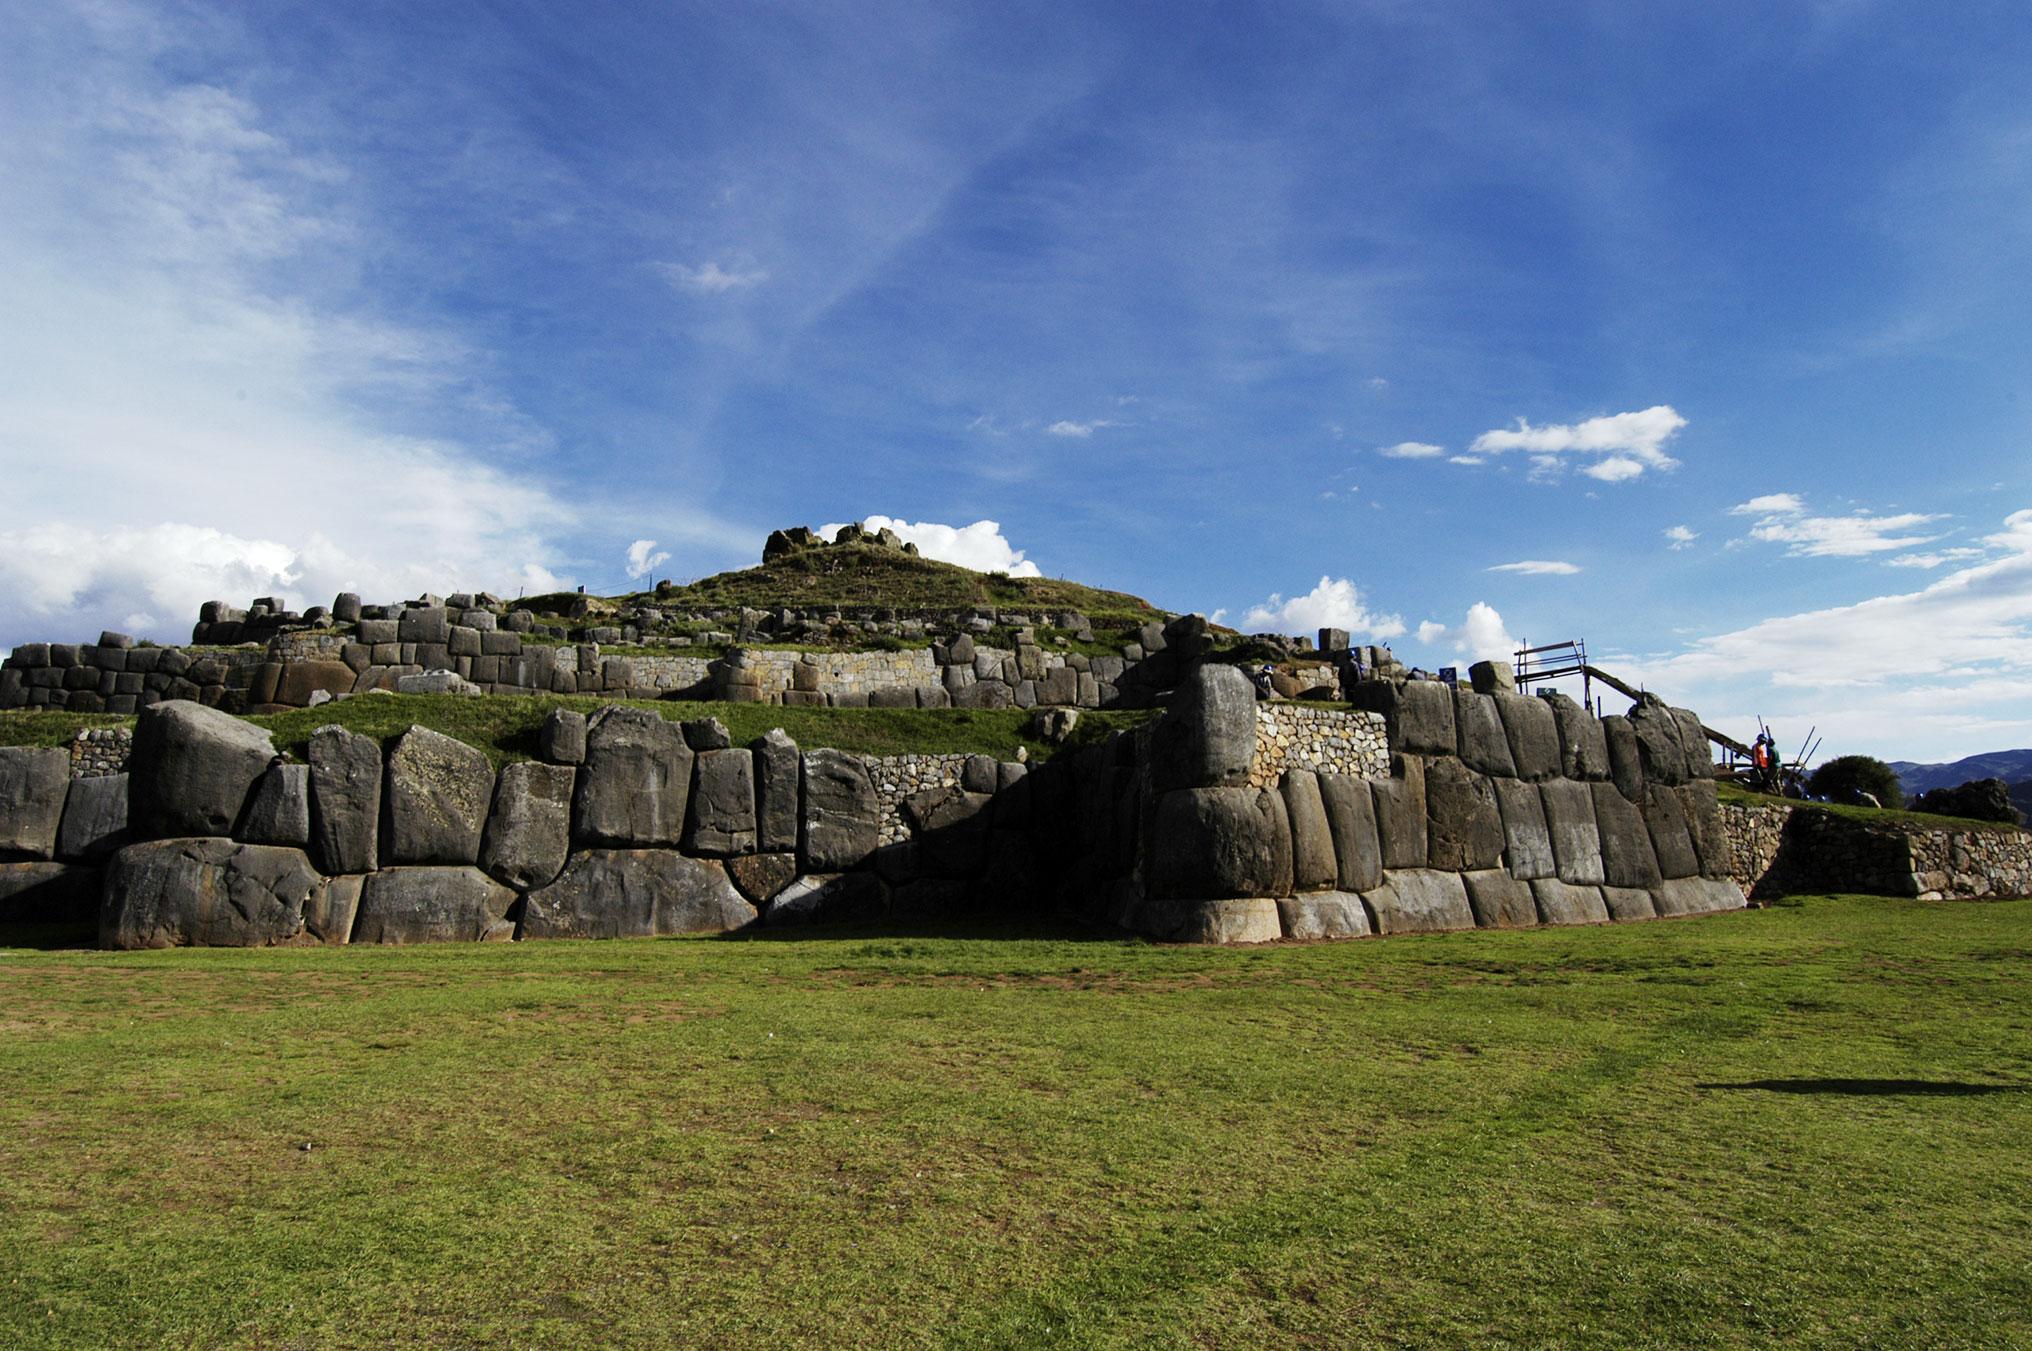 civiltà antiche bolivia